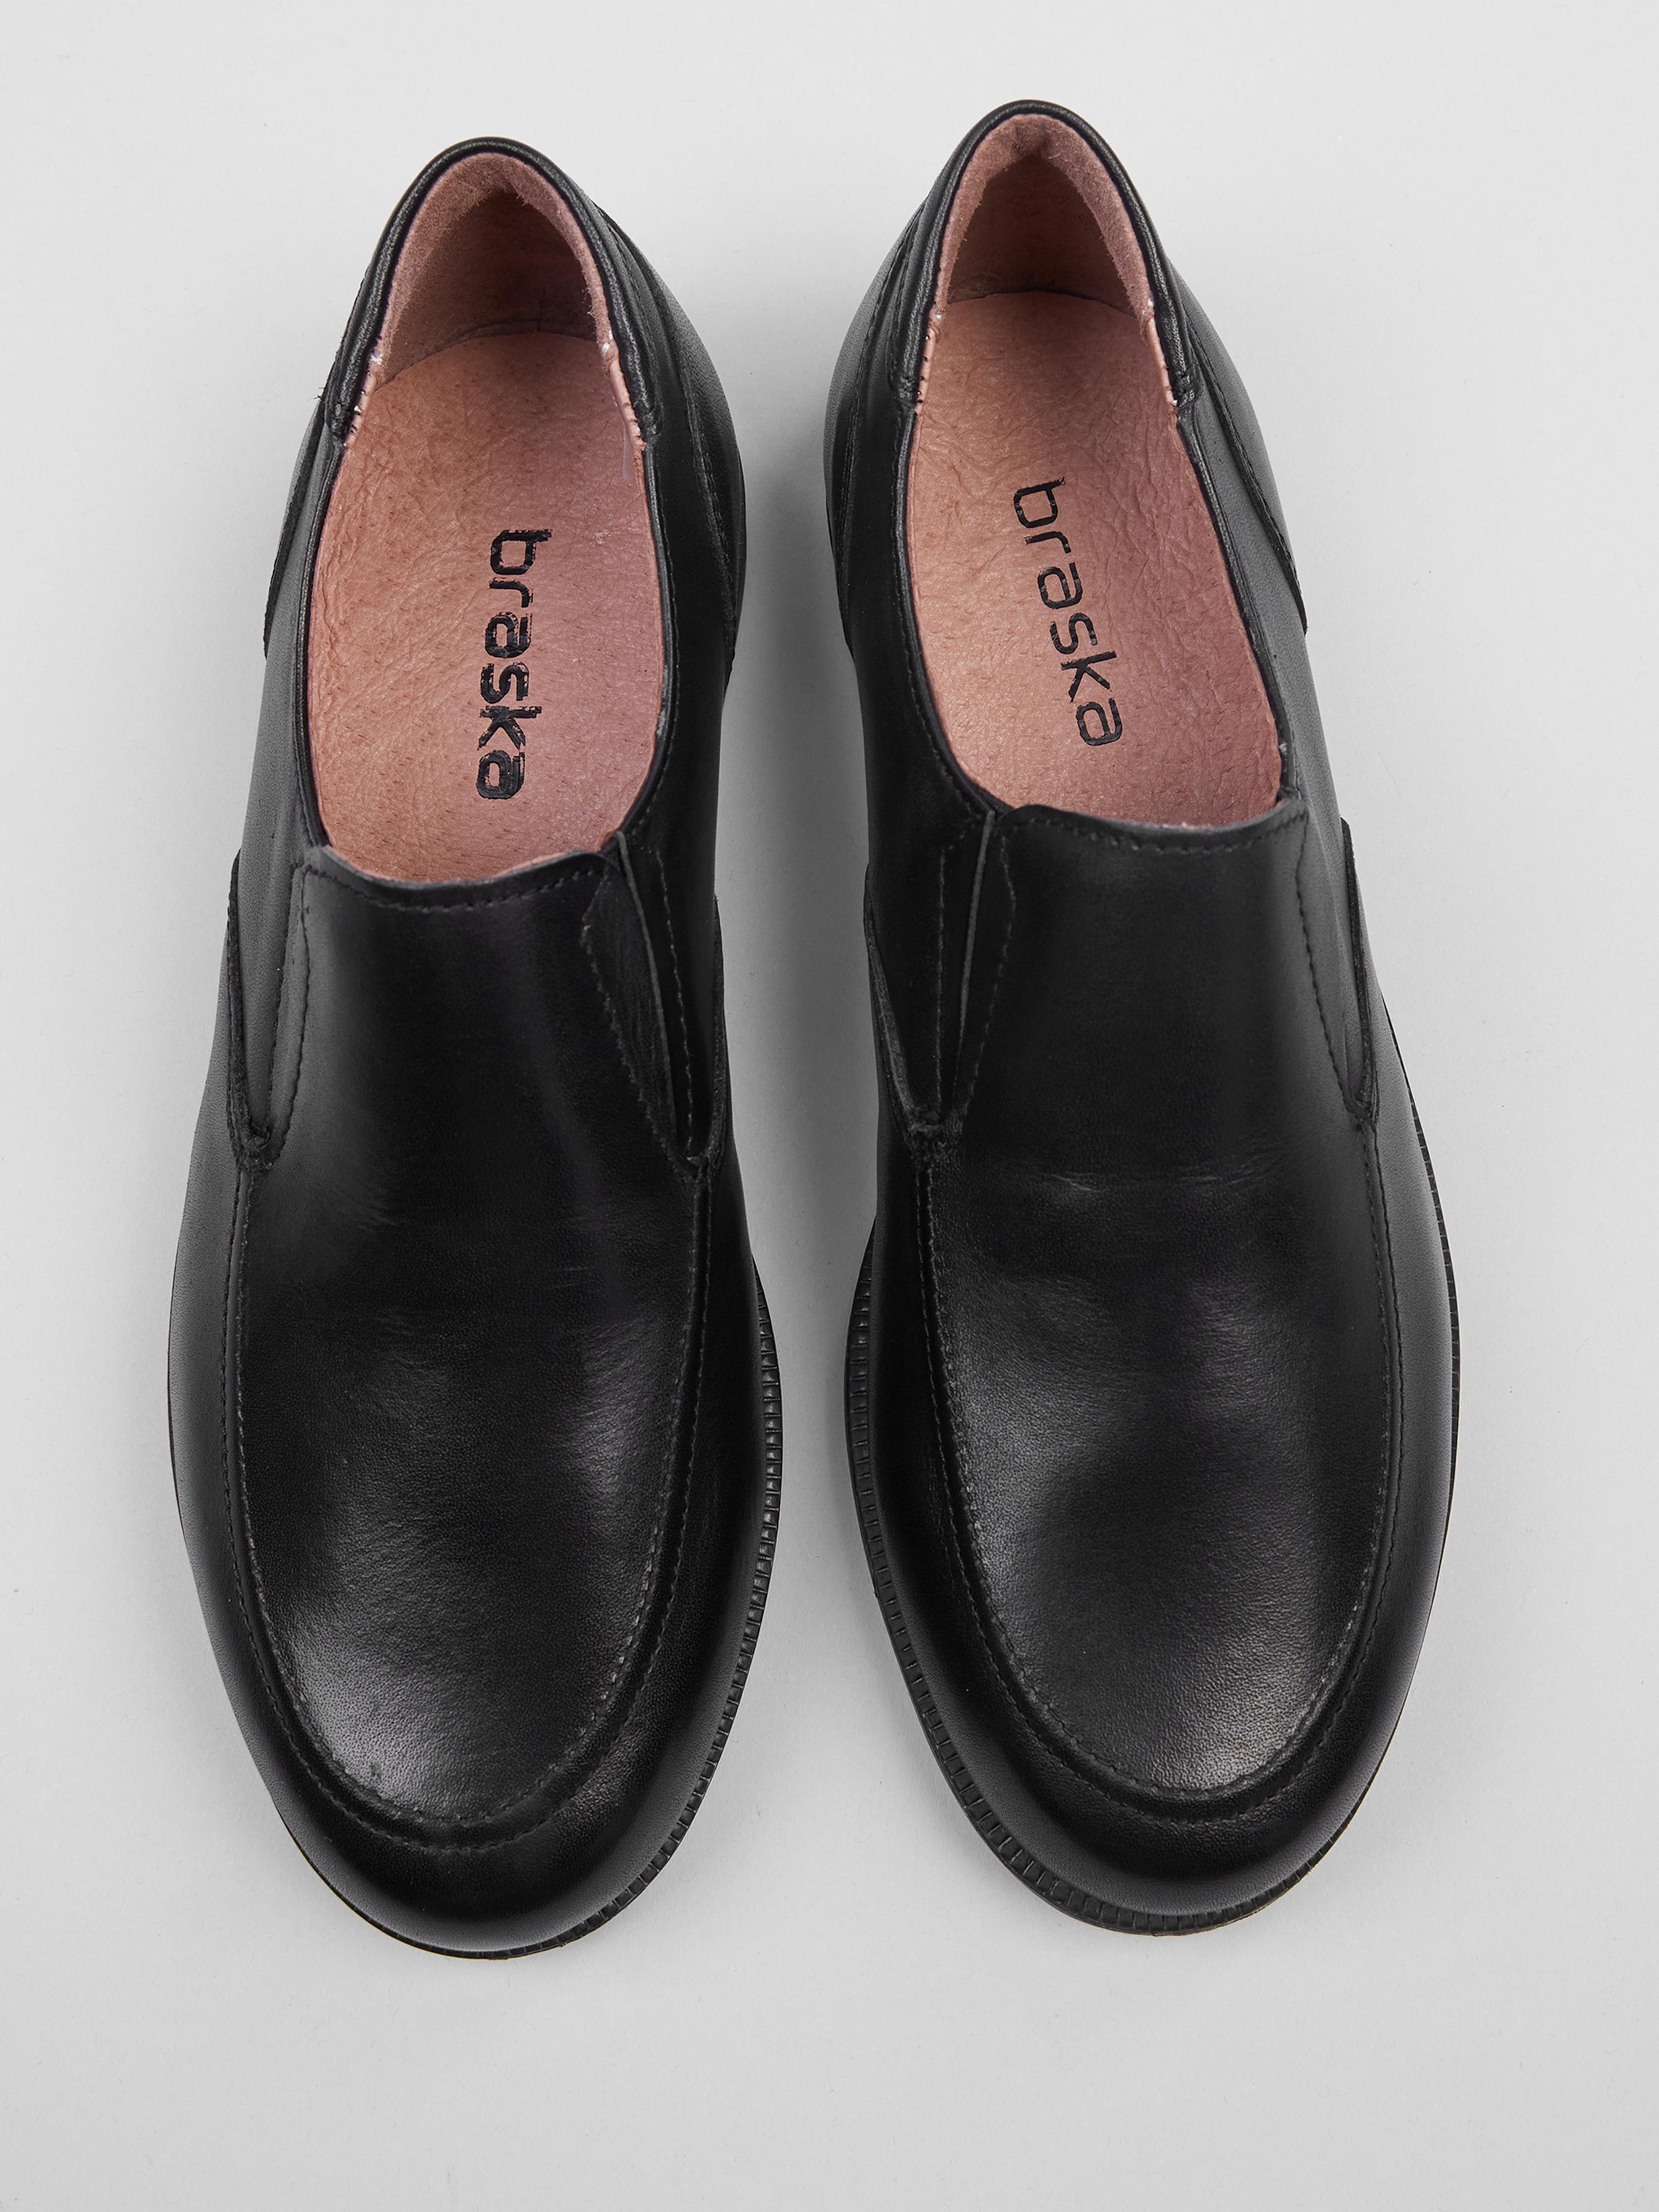 Полуботинки для детей Braska AE182 модная обувь, 2017